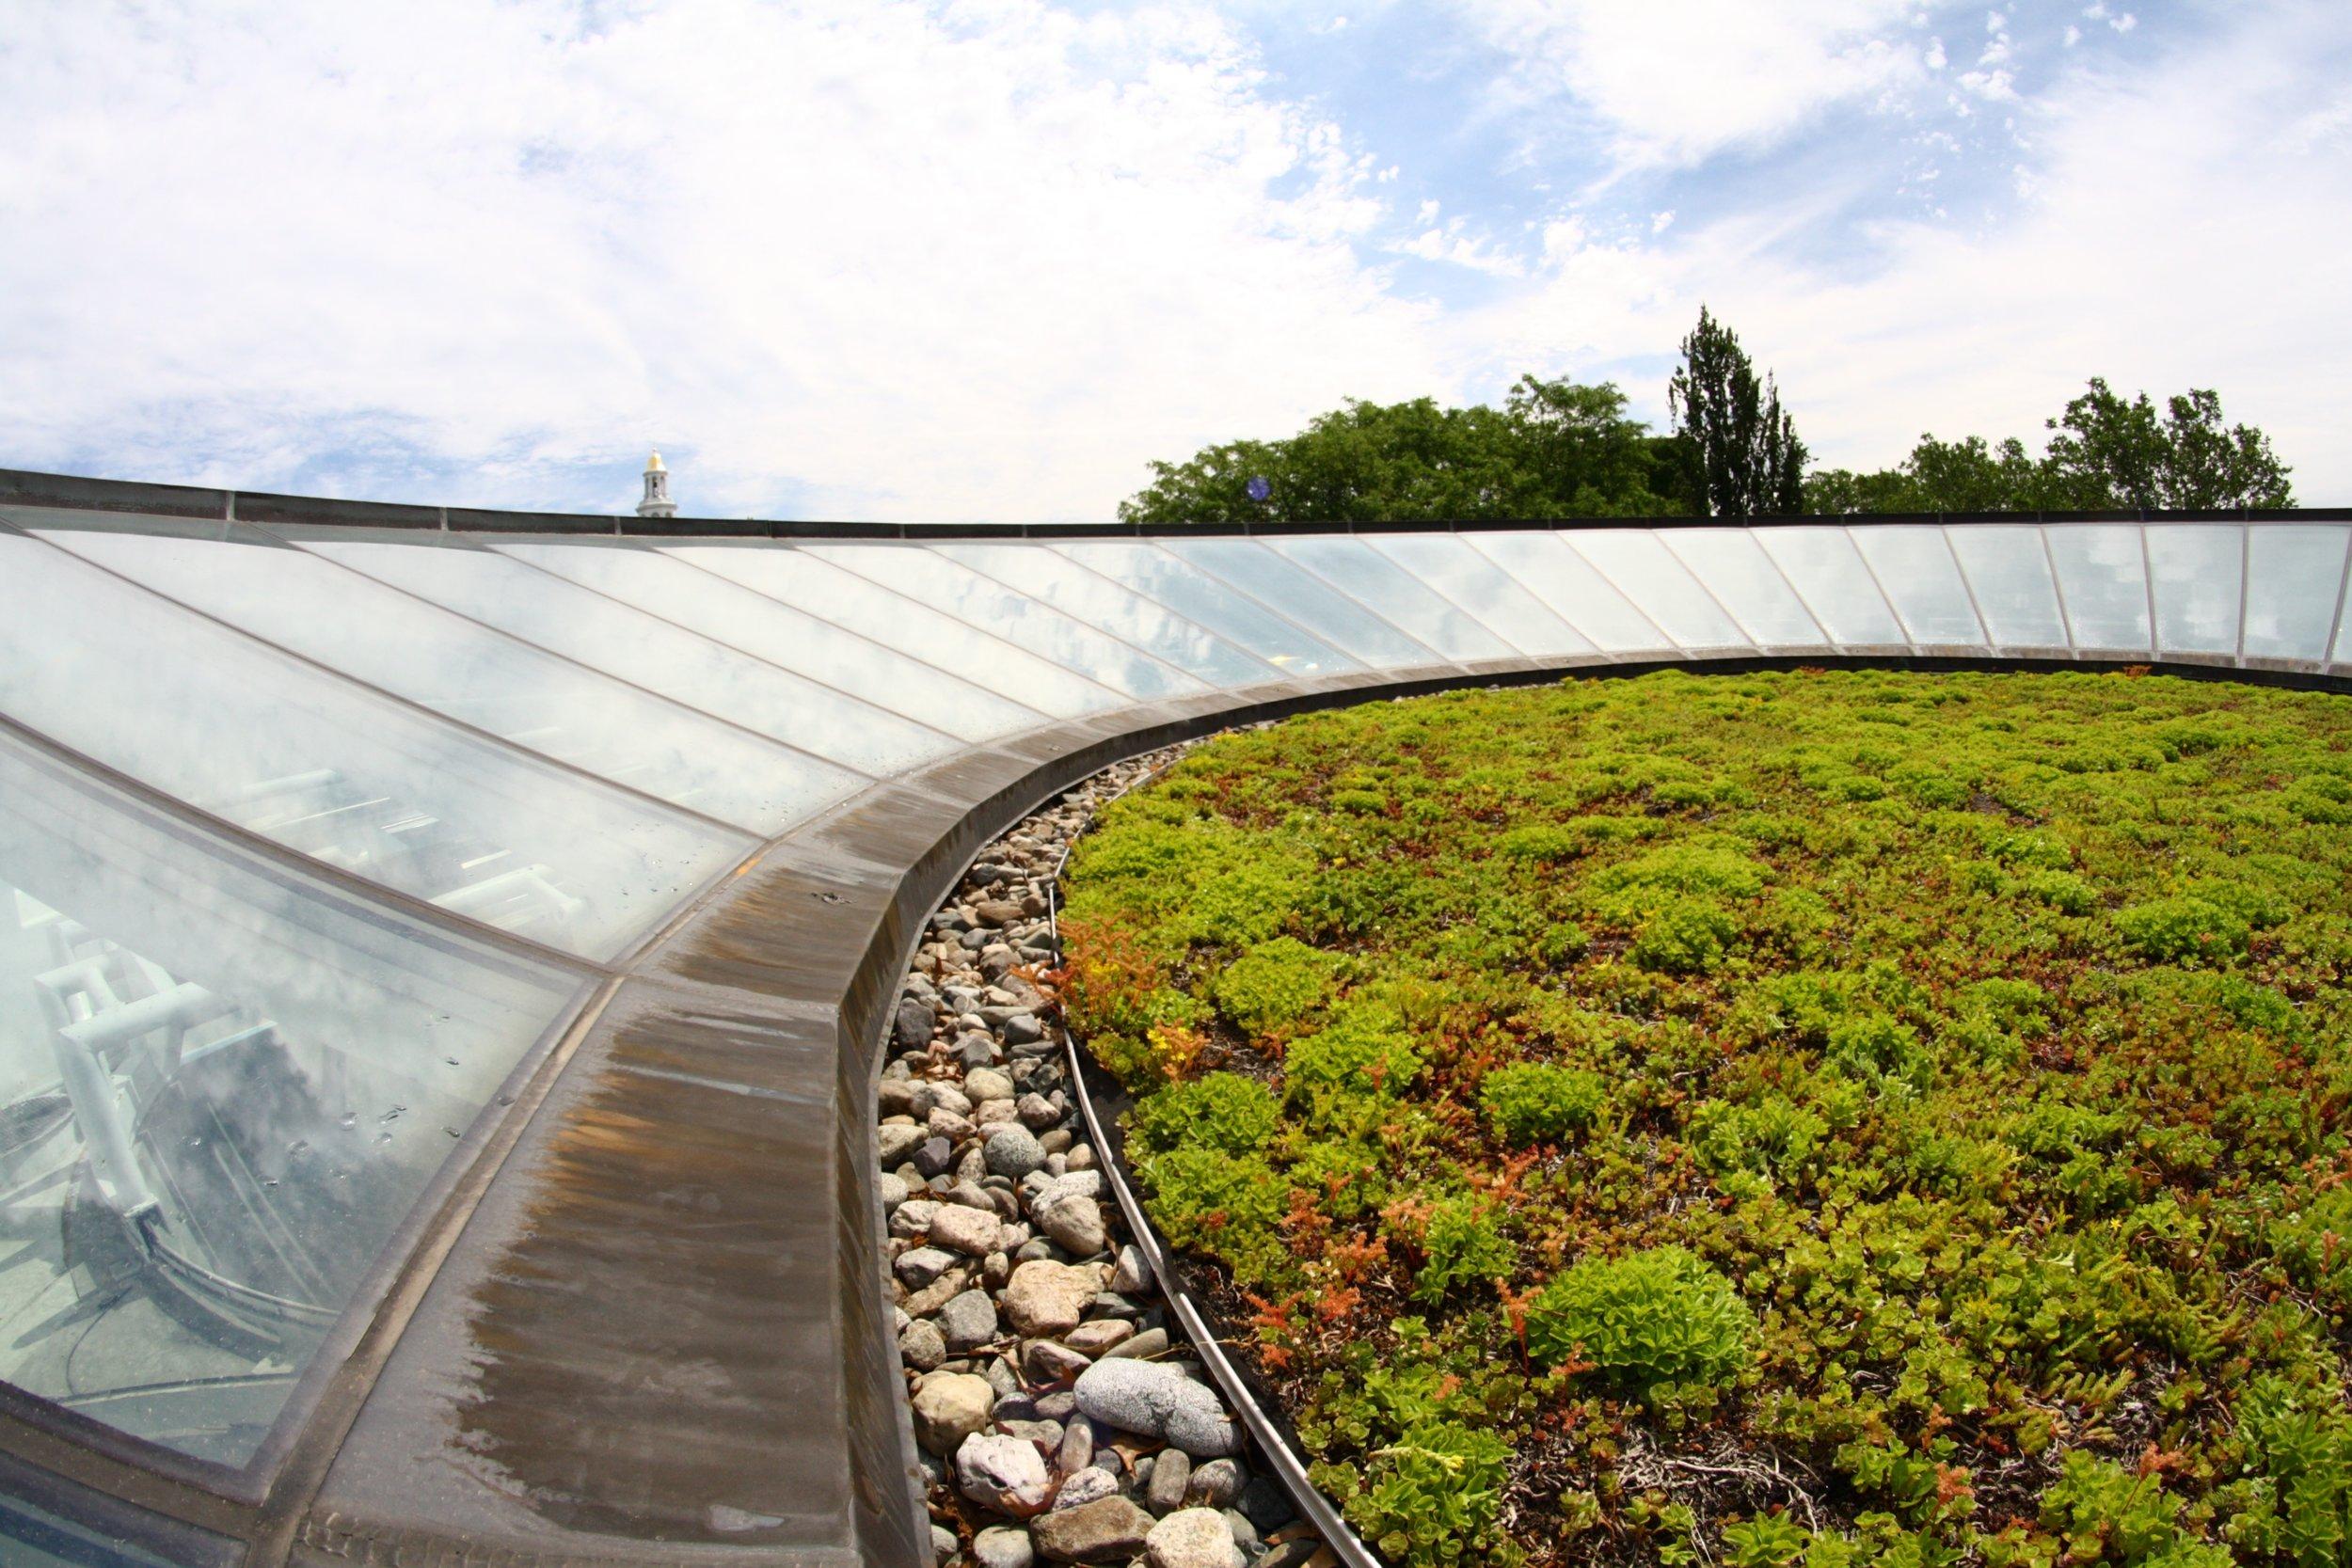 recover-green-roofs-harvard-business-school-garden-2016-9.jpg